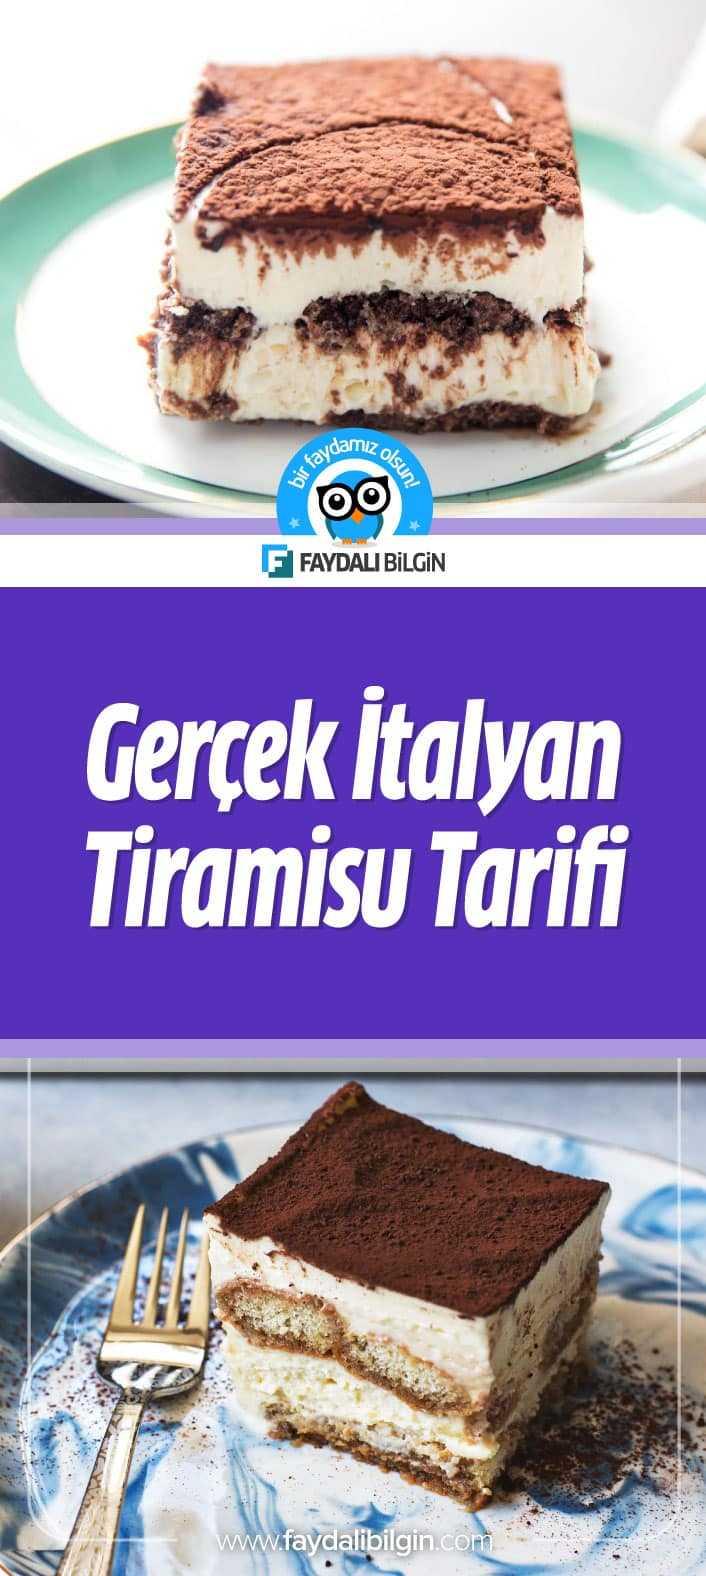 Nefis Yemek Tarifleri kanalından Gerçek İtalyan Tiramisu Tarifi. İtalyan asıllı olan ve son yıllarda ülkemizde çok sevilen bir tatlı olan tiramisu tarifini bugün sizler için hazırladık.